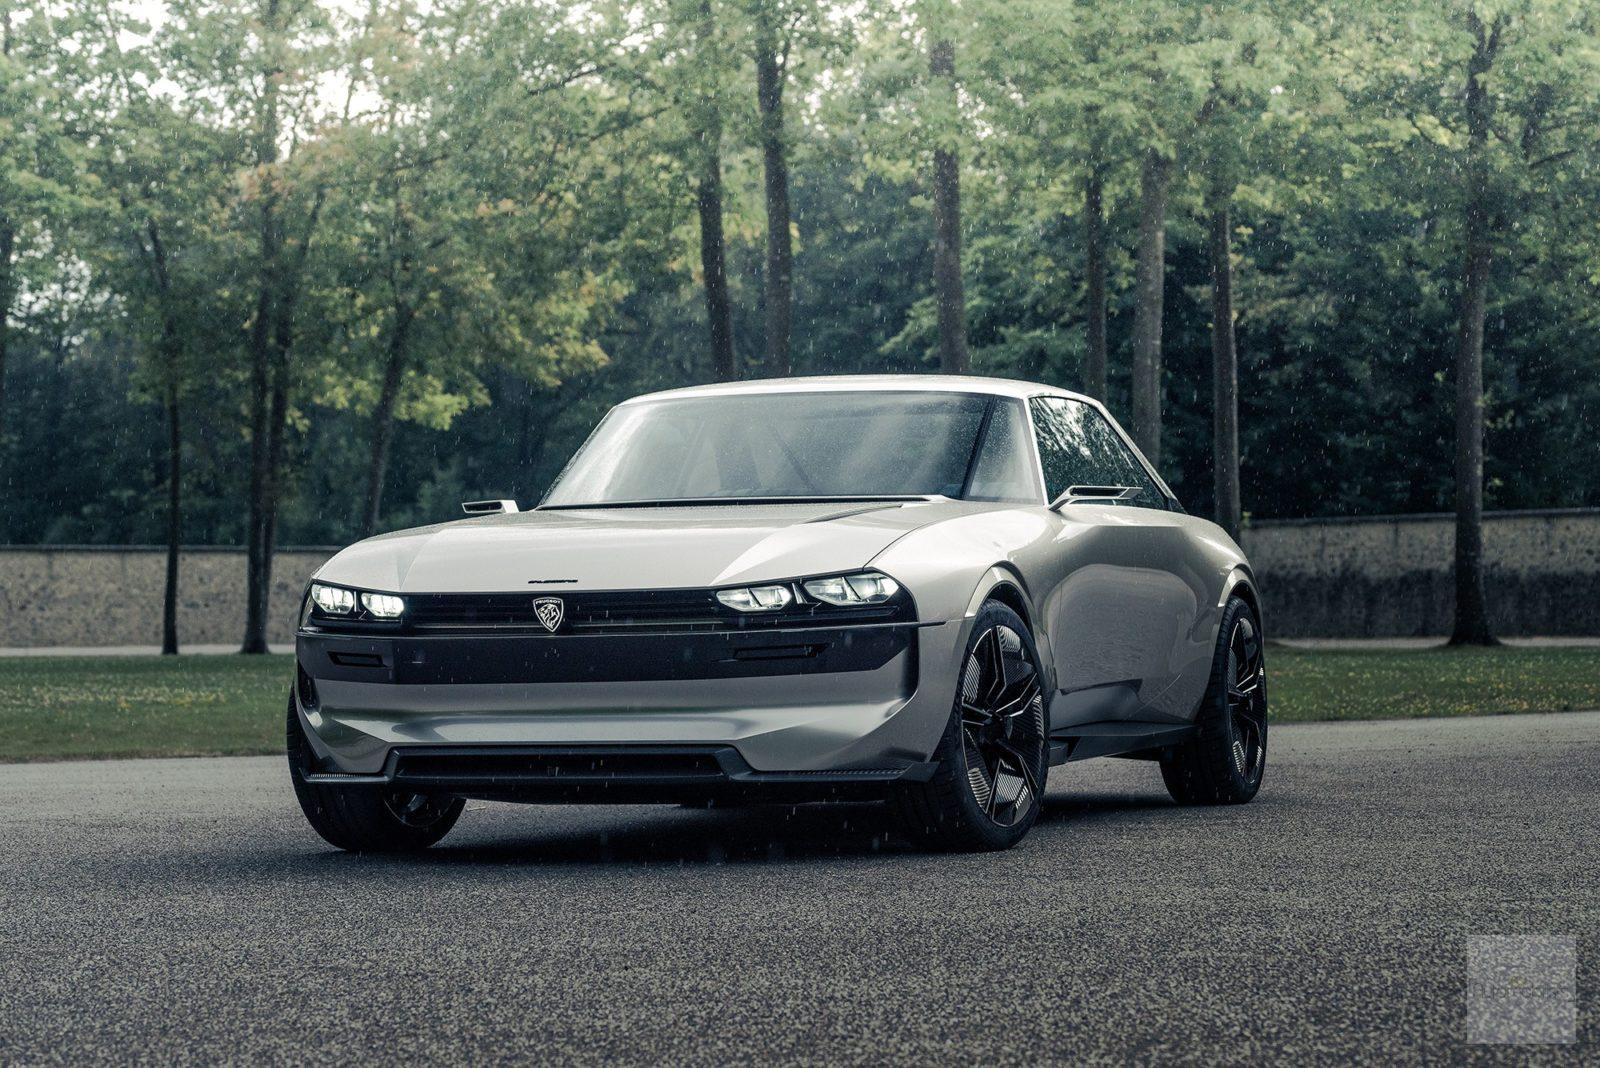 Peugeot P18 Paris Motor Show 2018 E Legend Concept Car concept face avant e1545521374706